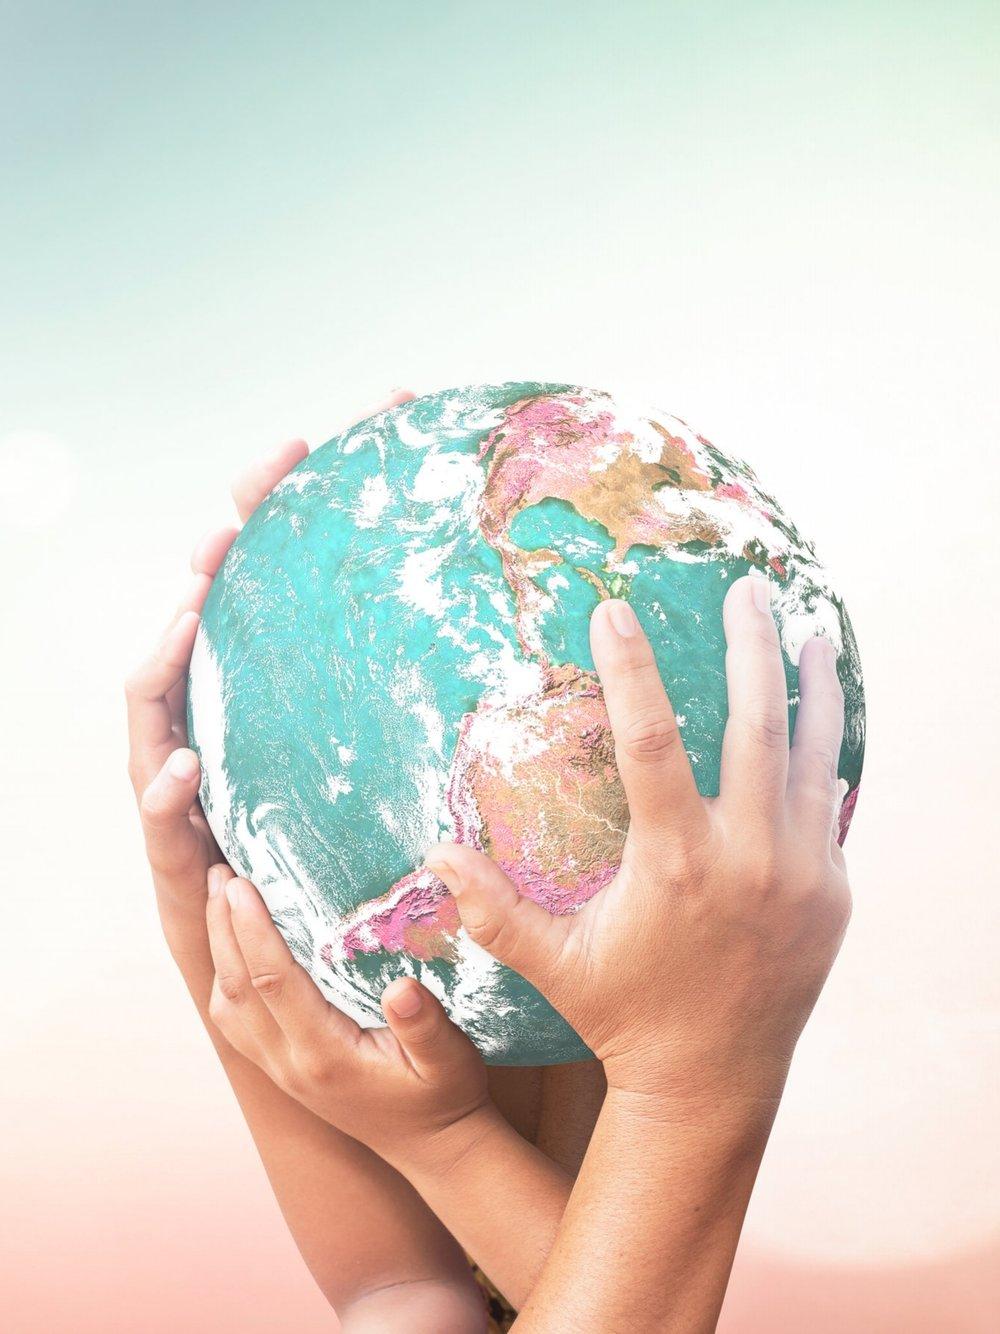 ¿QUÉ ES FILANTROFILIA? - Filantrofilia es una asociación civil sin fines de lucro fundada en 2009, con el objetivo de fortalecer y profesionalizar el sector social.Nuestra misión es maximizar el impacto de la filantropía mediante la calificación y la profesionalización de las organizaciones de la sociedad civil.Utilizamos una metodología innovadora, basada en las mejores prácticas a nivel internacional y metodologías exitosas en otros países. De manera constante nuestra metodología y mejores prácticas son revisadas y actualizadas para mantener nuestro proceso vigente y relevante.Nuestra teoría del cambio: Calificar a las organizaciones de la sociedad civil y promover la máxima transparencia, profesionalismo y eficacia del sector social mexicano, para potencializar su impacto.